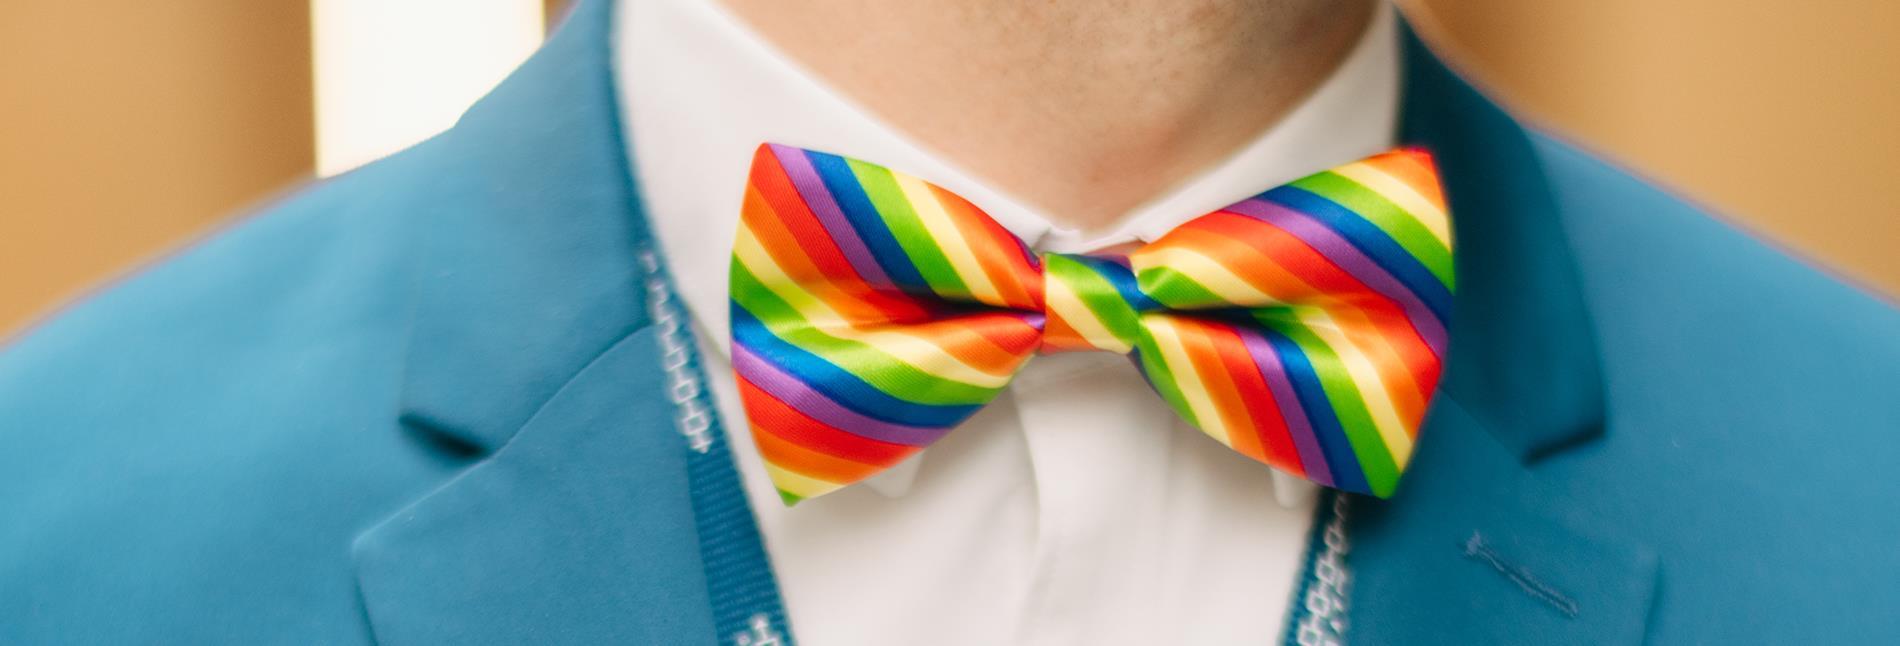 Close up of Rainbow Bowtie